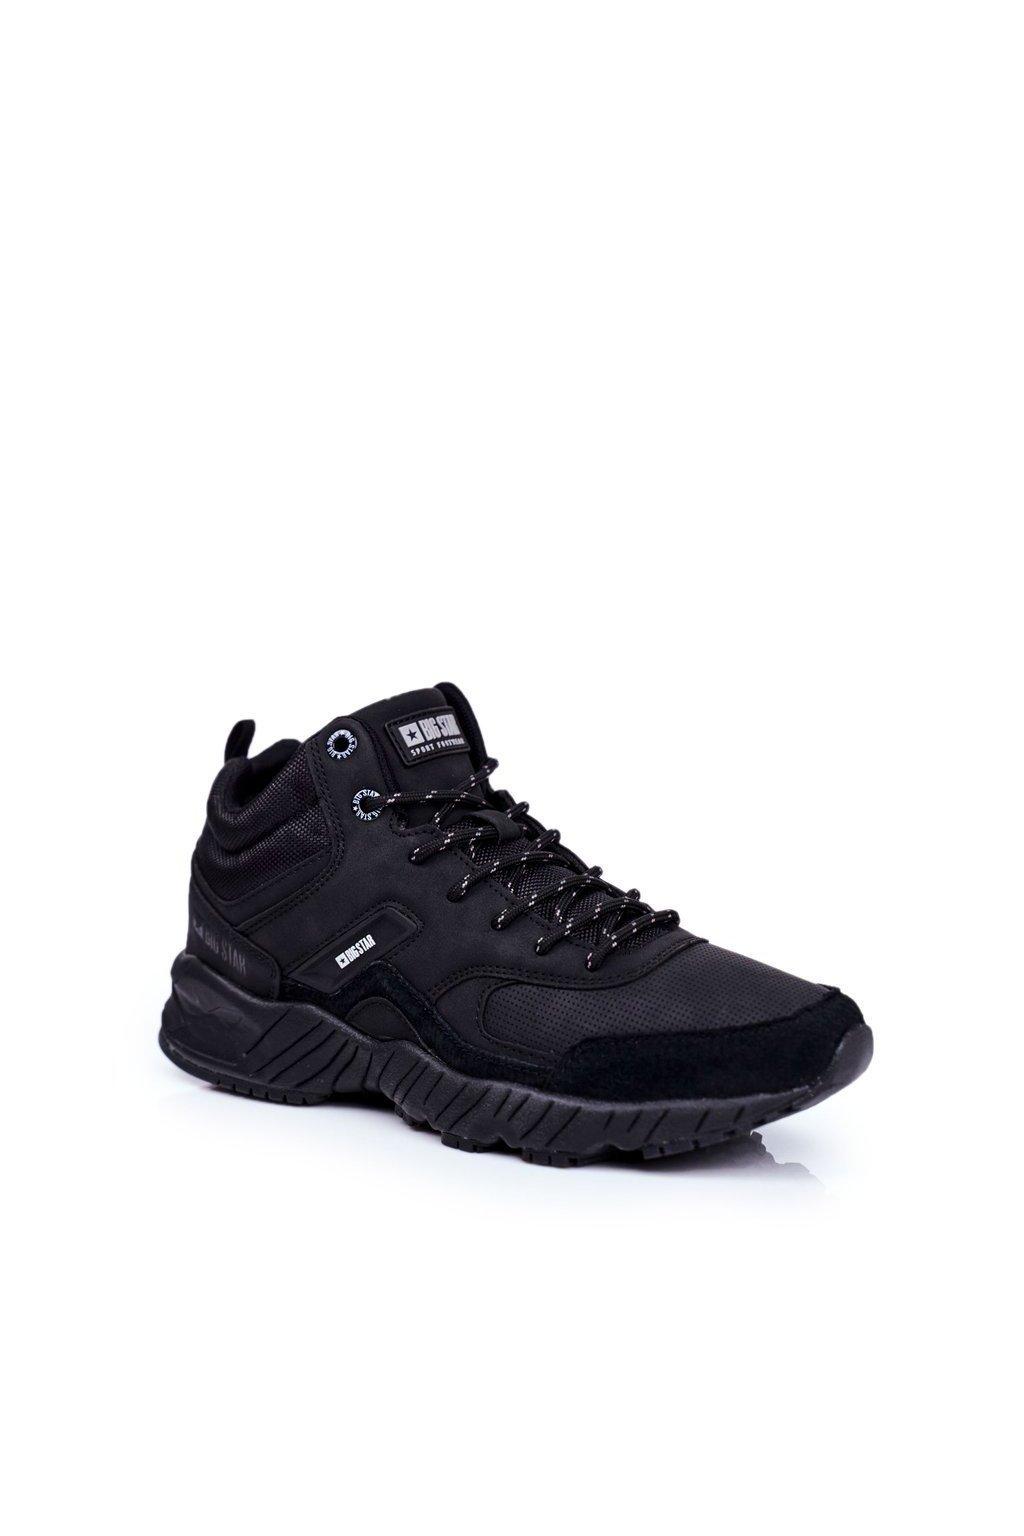 Pánske trekingové topánky farba čierna kód obuvi GG174409 BLK